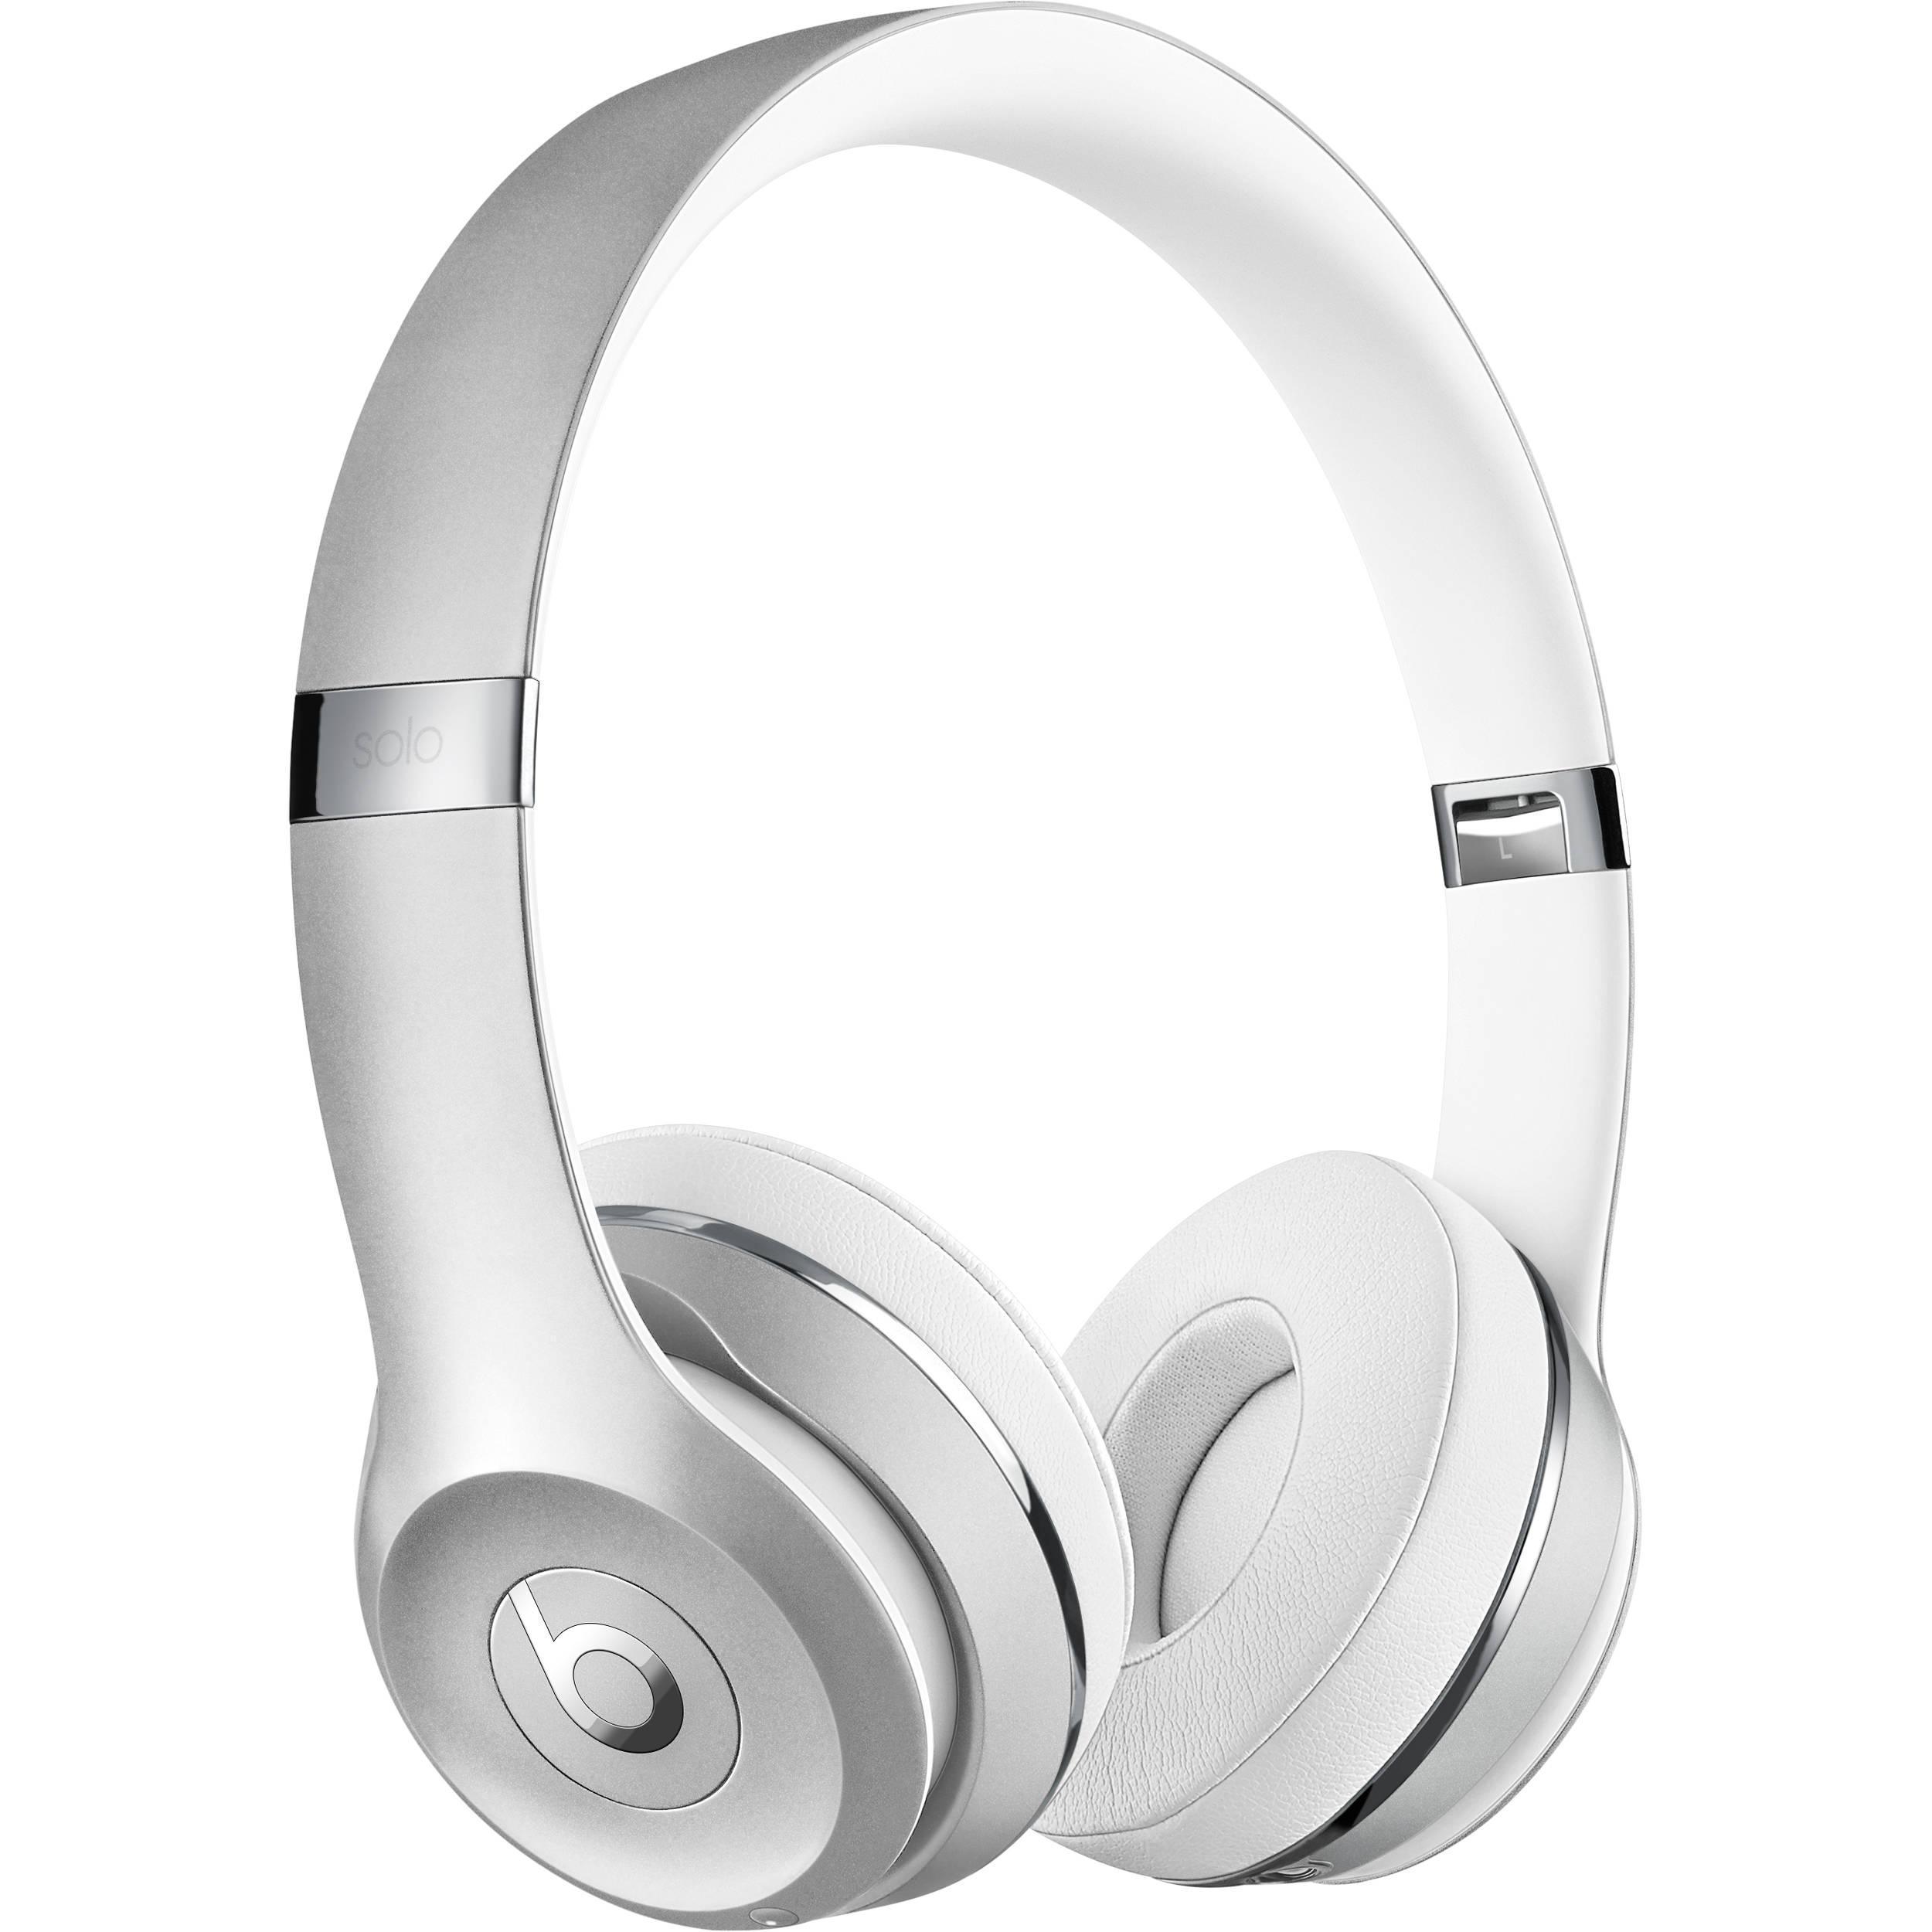 Beats By Dr Dre Beats Solo3 Wireless On Ear Headphones